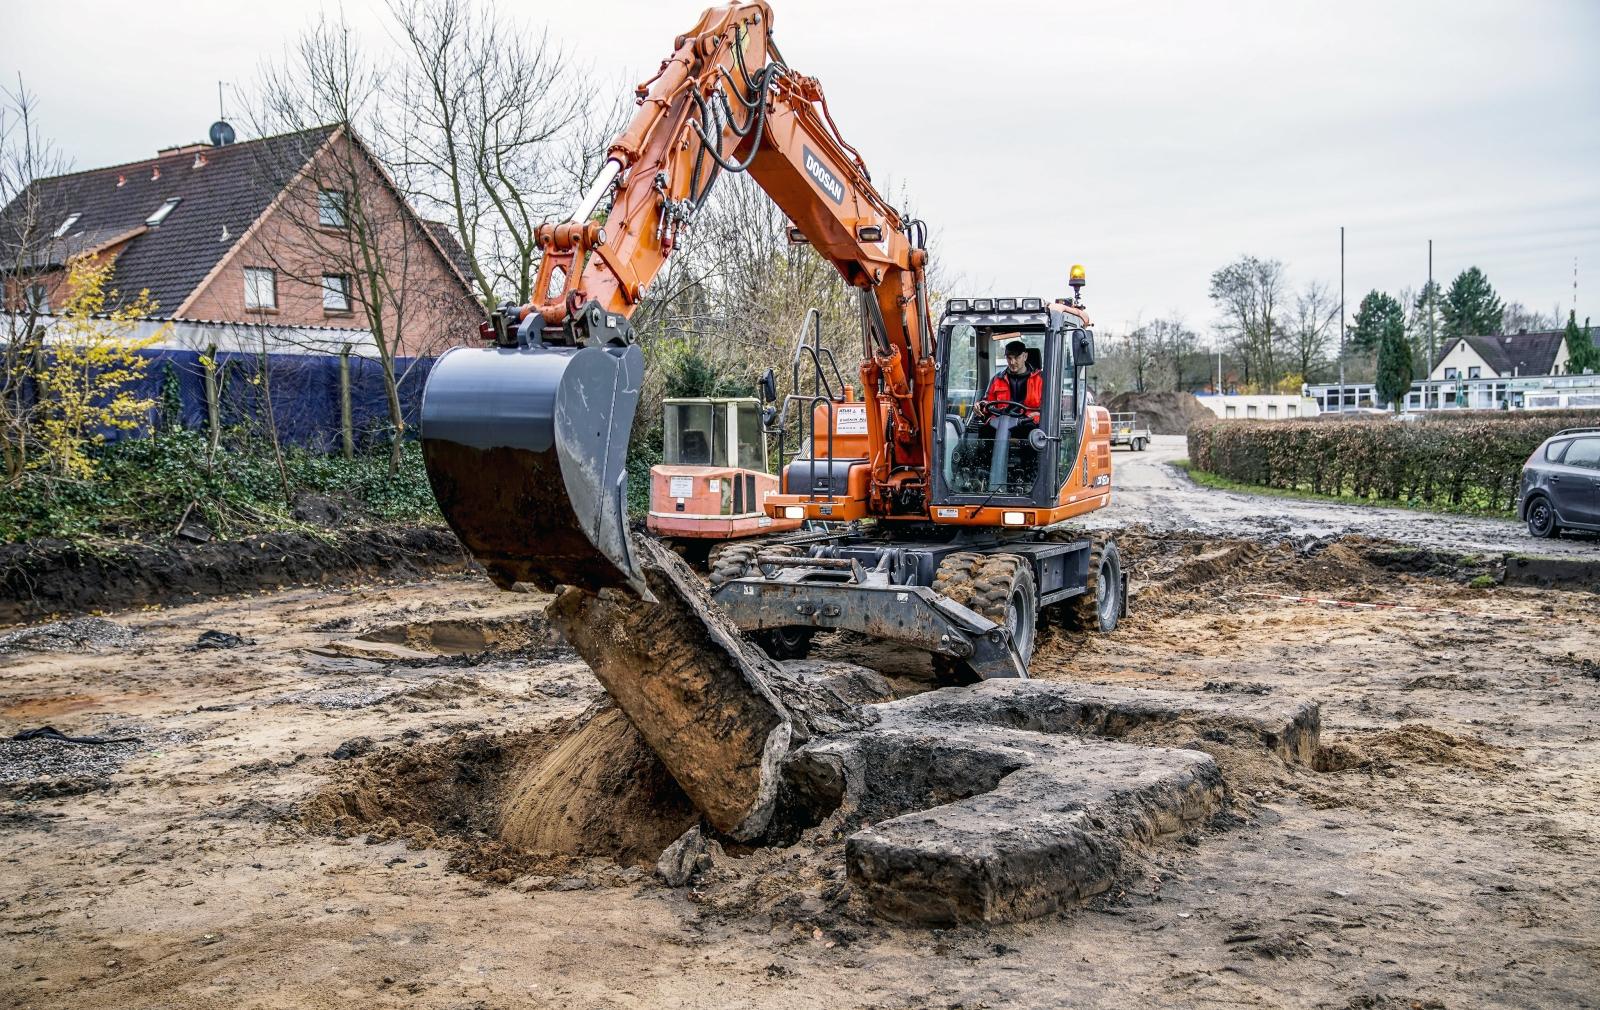 Niszczenie ogromnej swastyki znalezionej na placu budowy w Hamburgu, Niemcy.